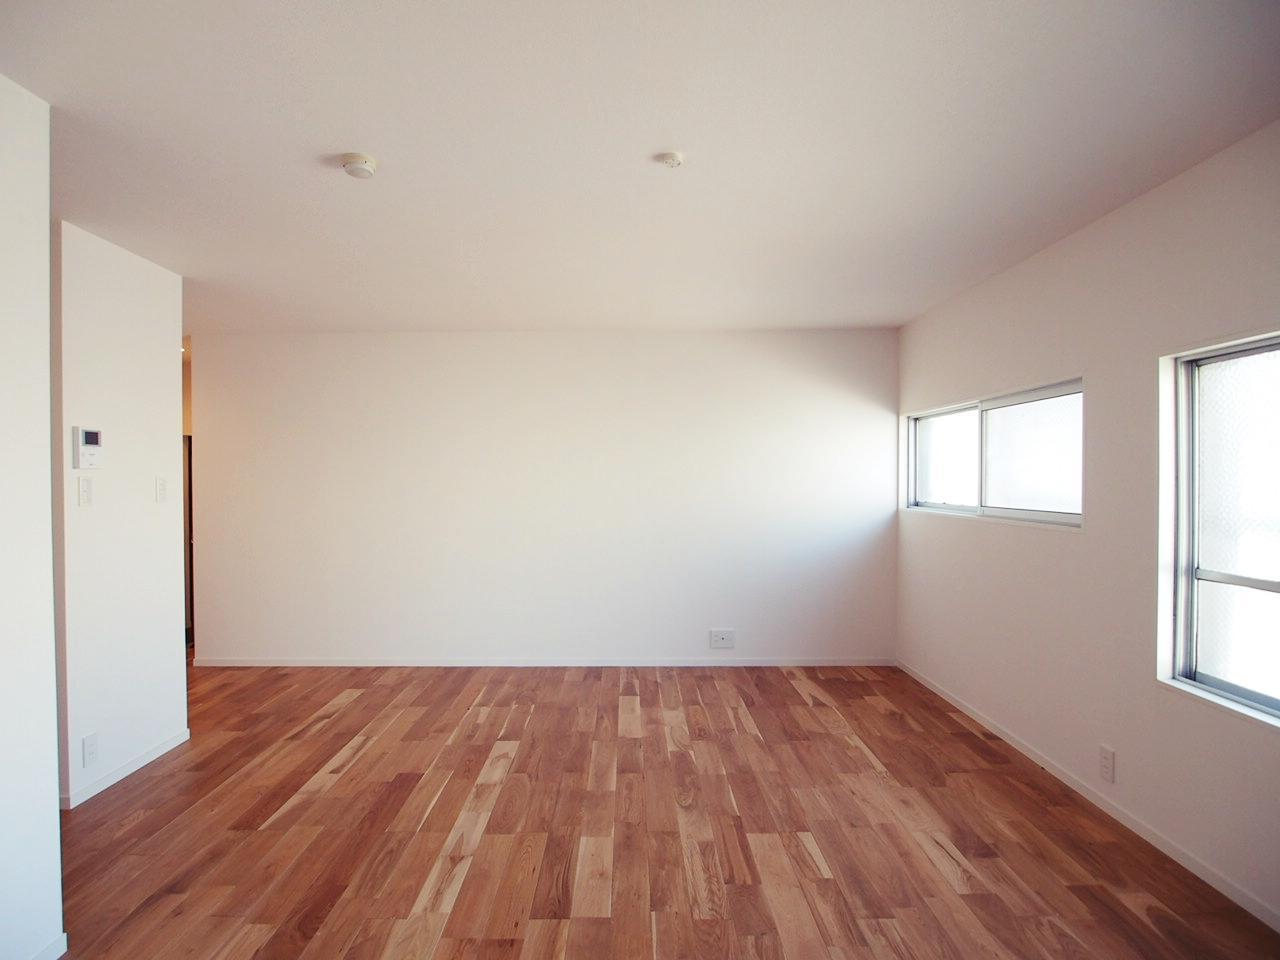 壁面がしっかりあるのでルームシアターとか。